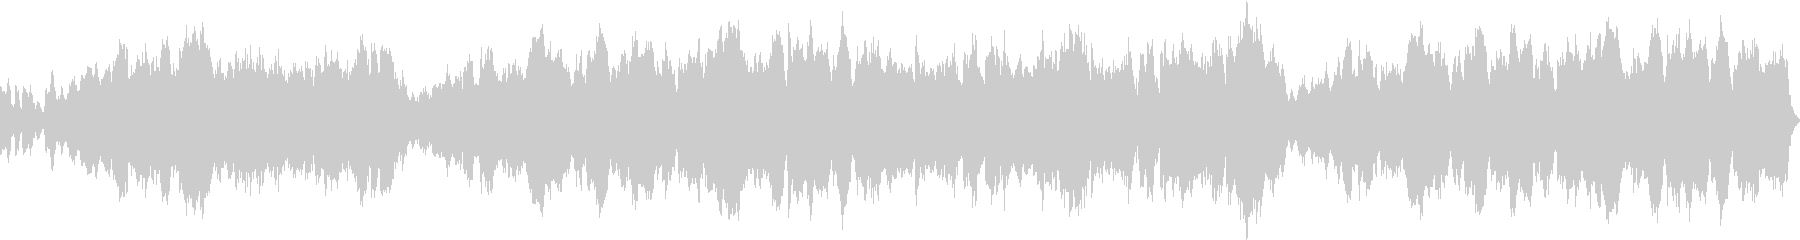 ほのぼのした日常系クラリネット ループ可の未再生の波形